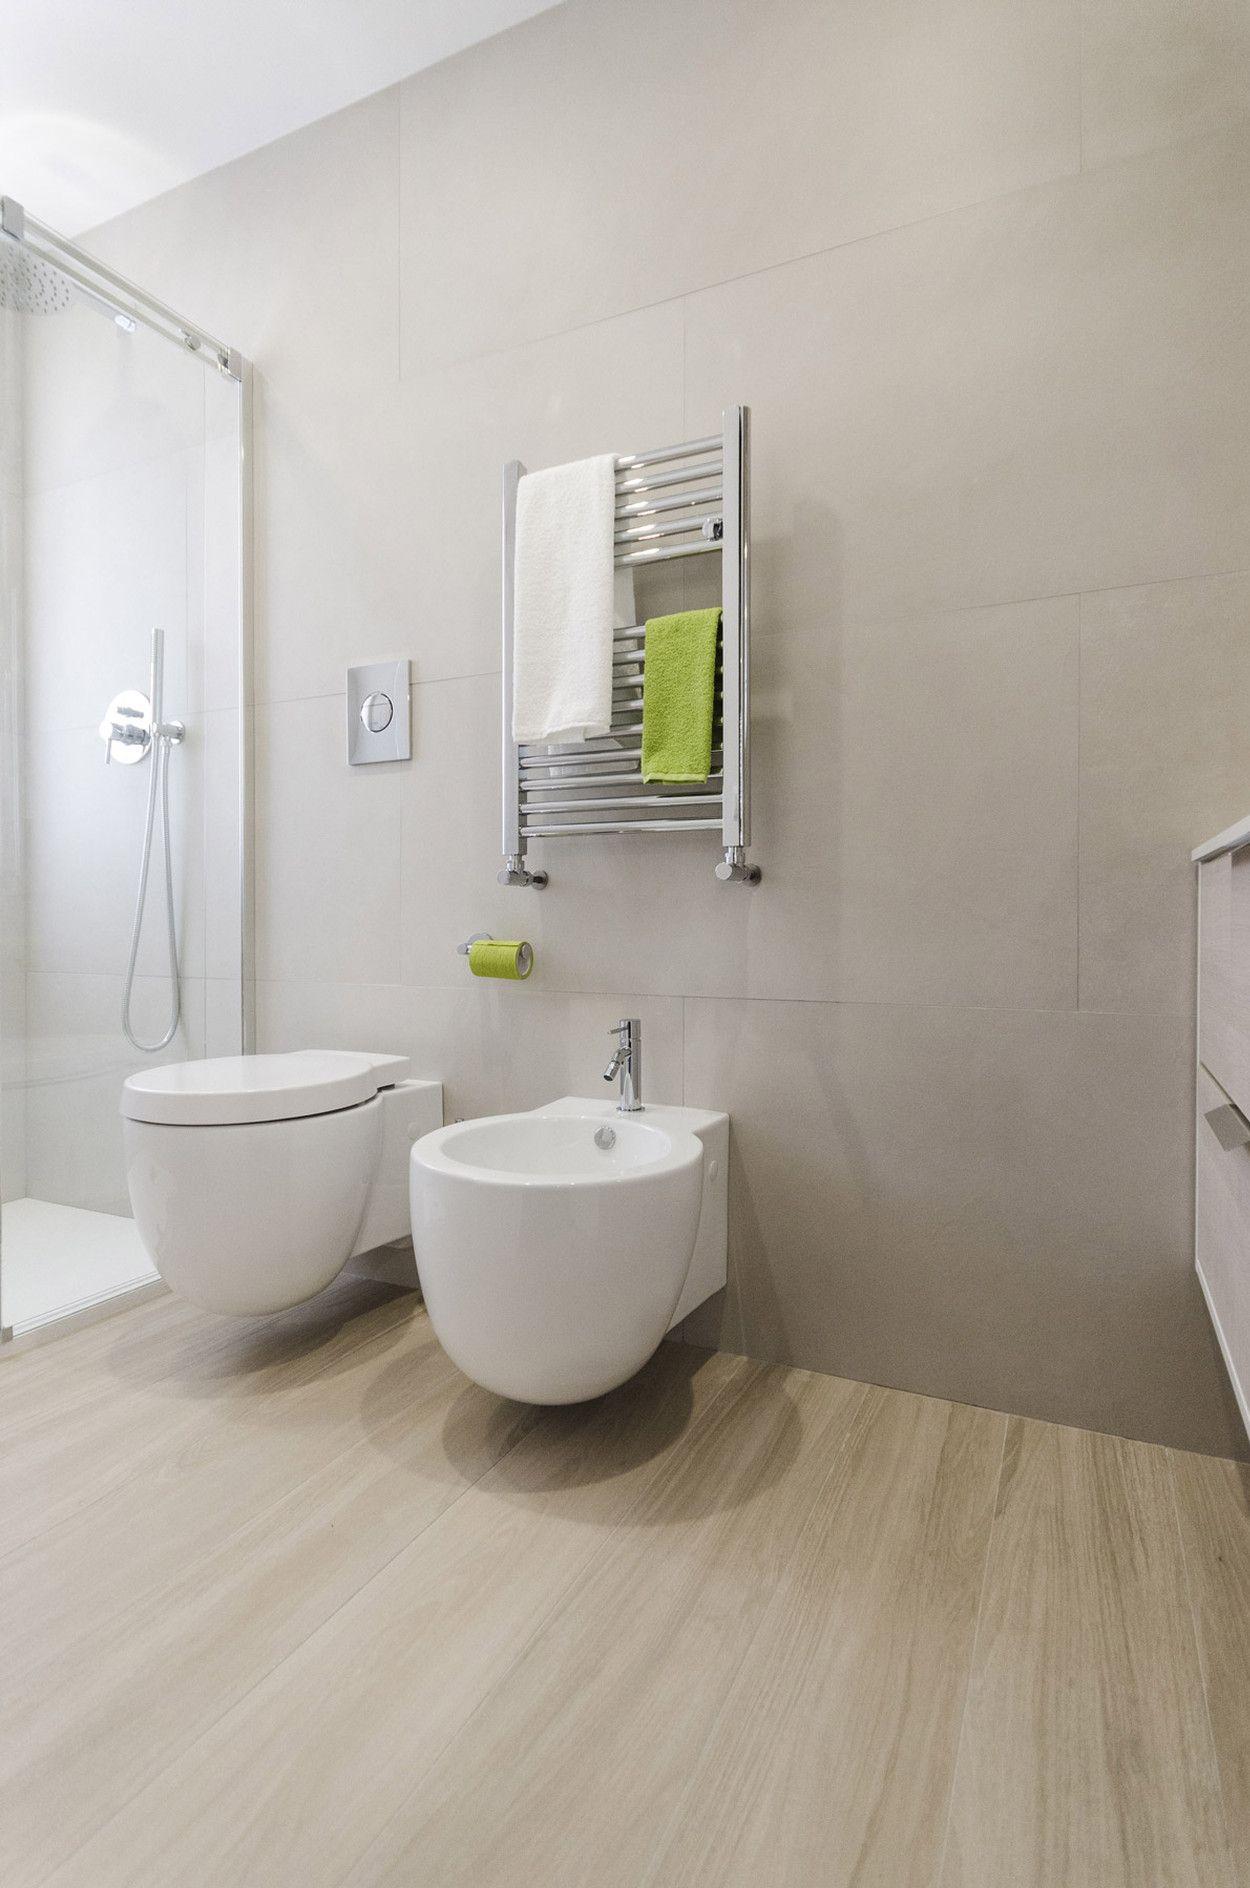 Minima architettura roma bagno design ristrutturazione bagno bagno piccolo gres - Ristrutturazione bagno piccolo ...